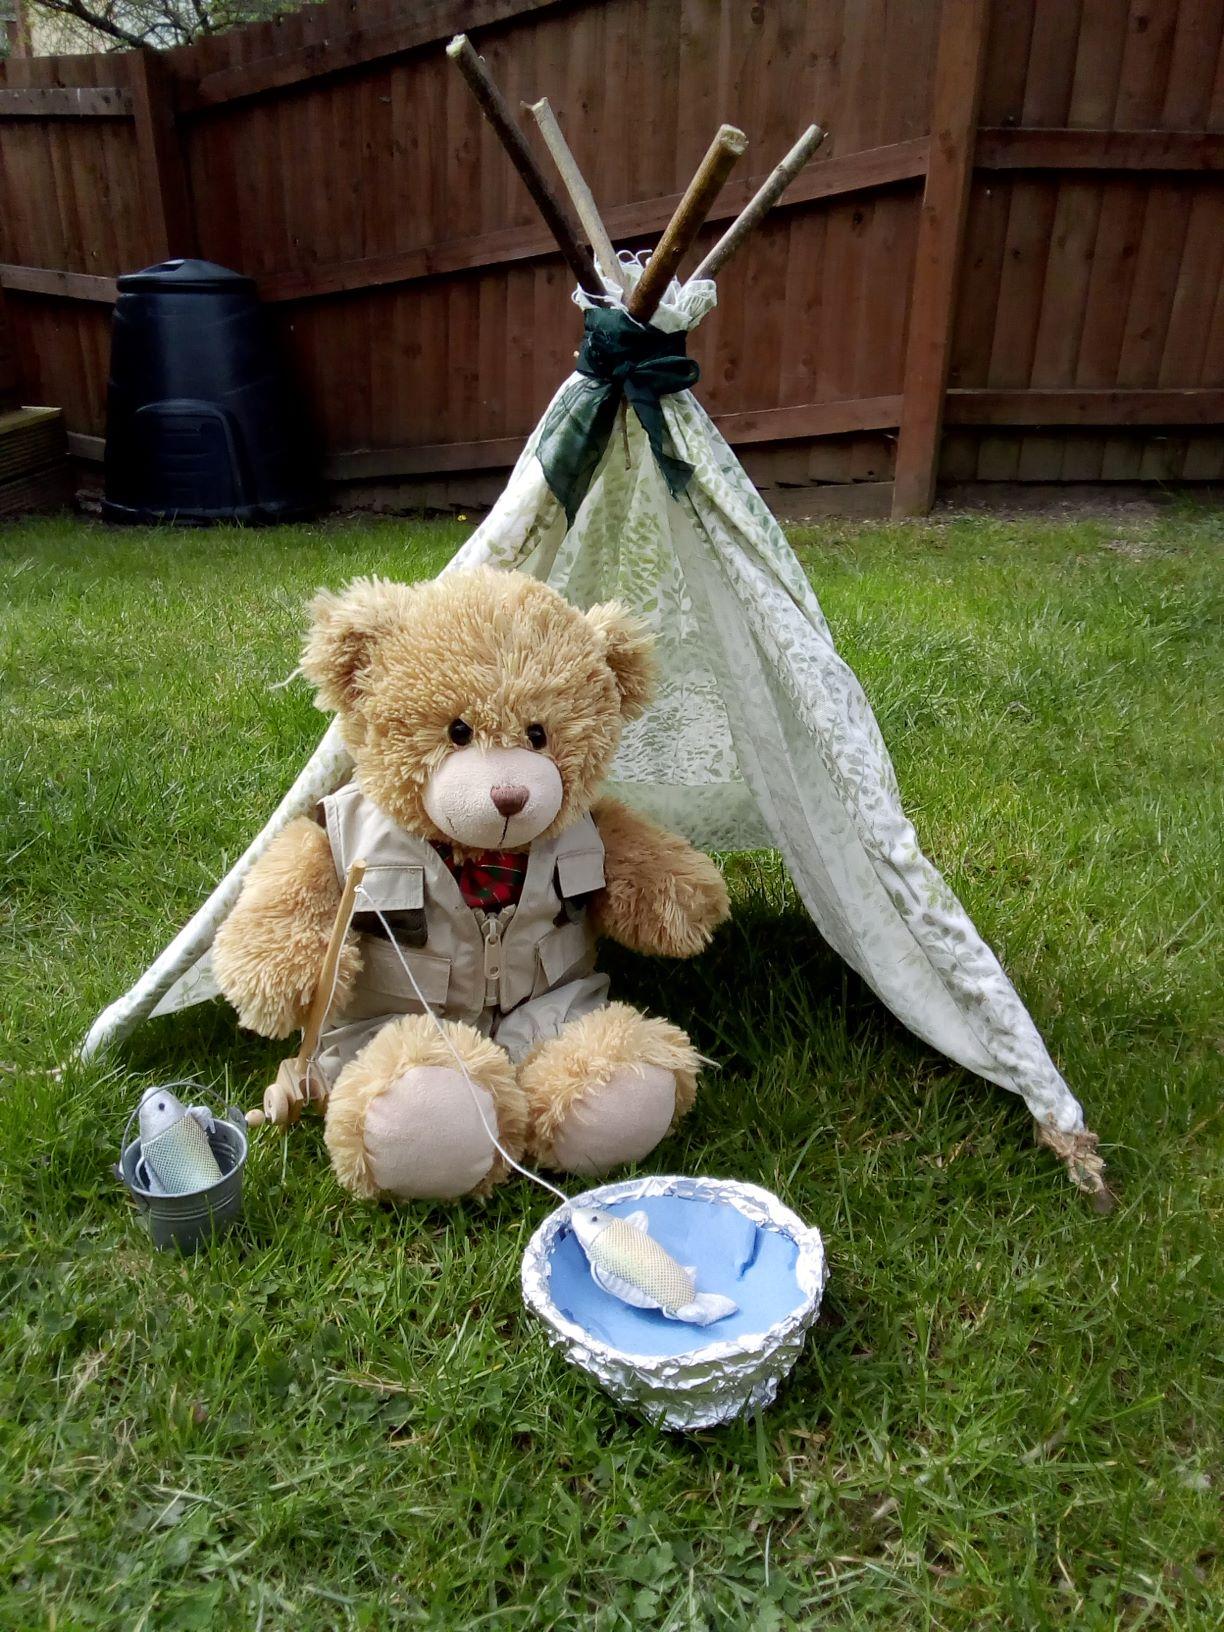 Teddy in a wigwam fishing